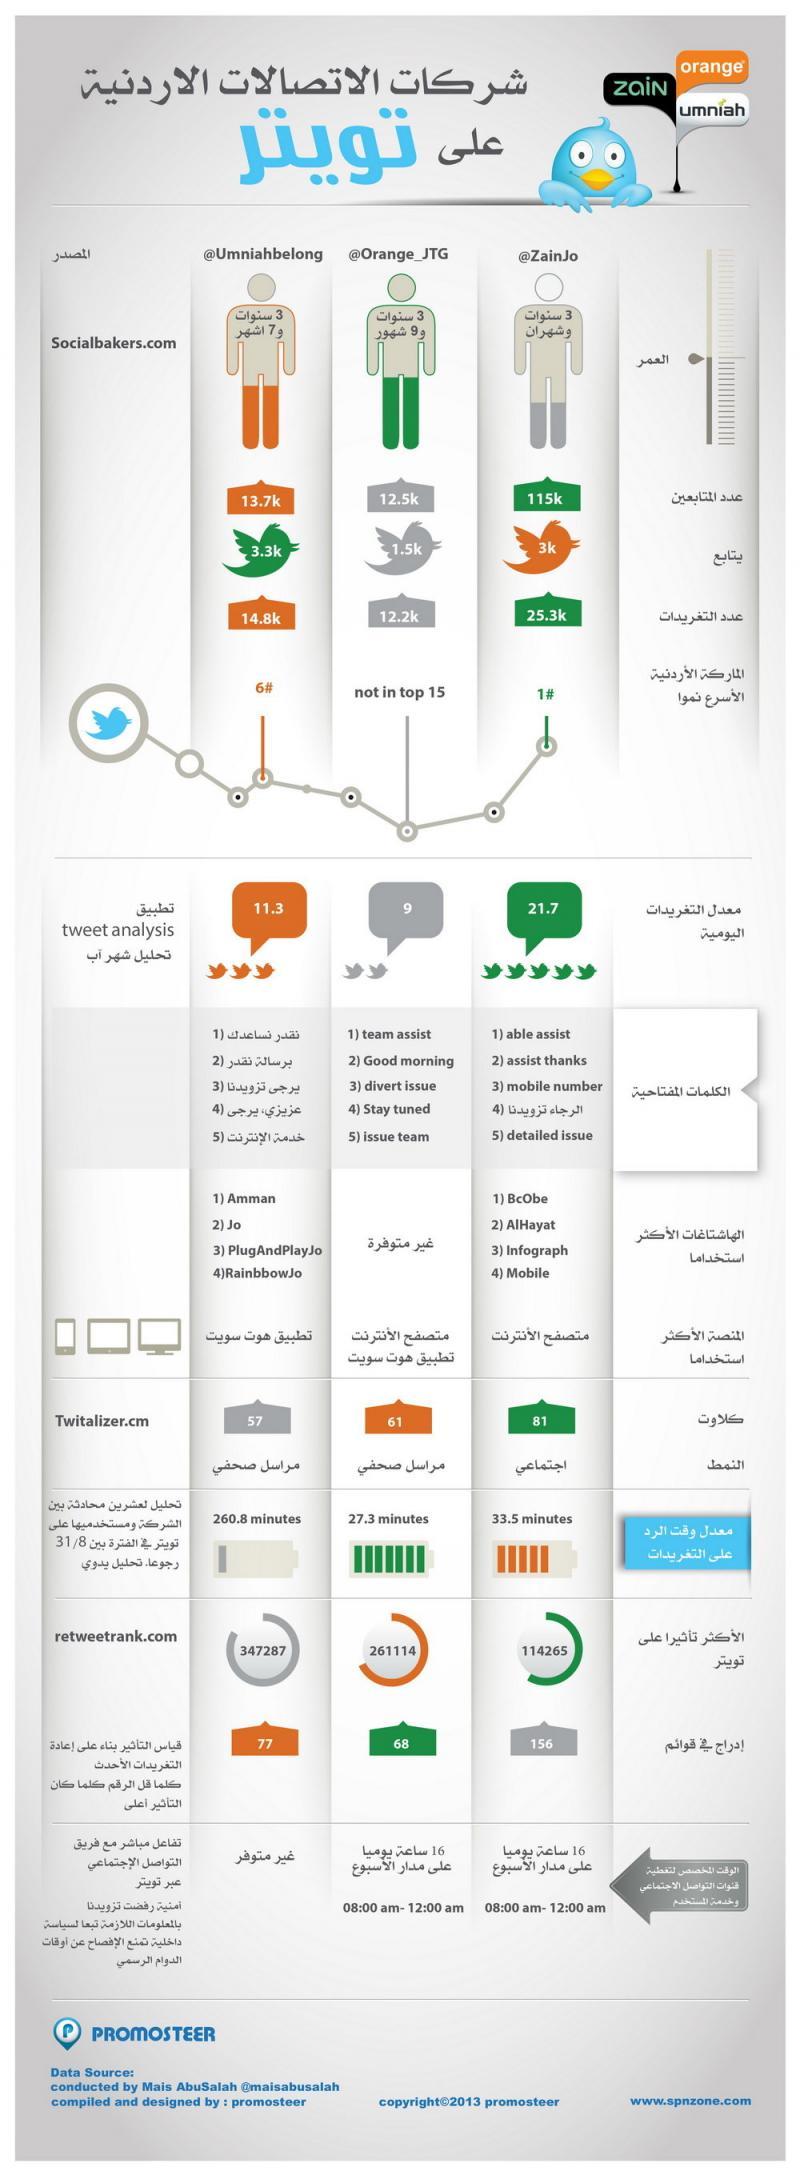 شركات الاتصالات الأردنية على #تويتر - انفوغراف #انفوجرافيك